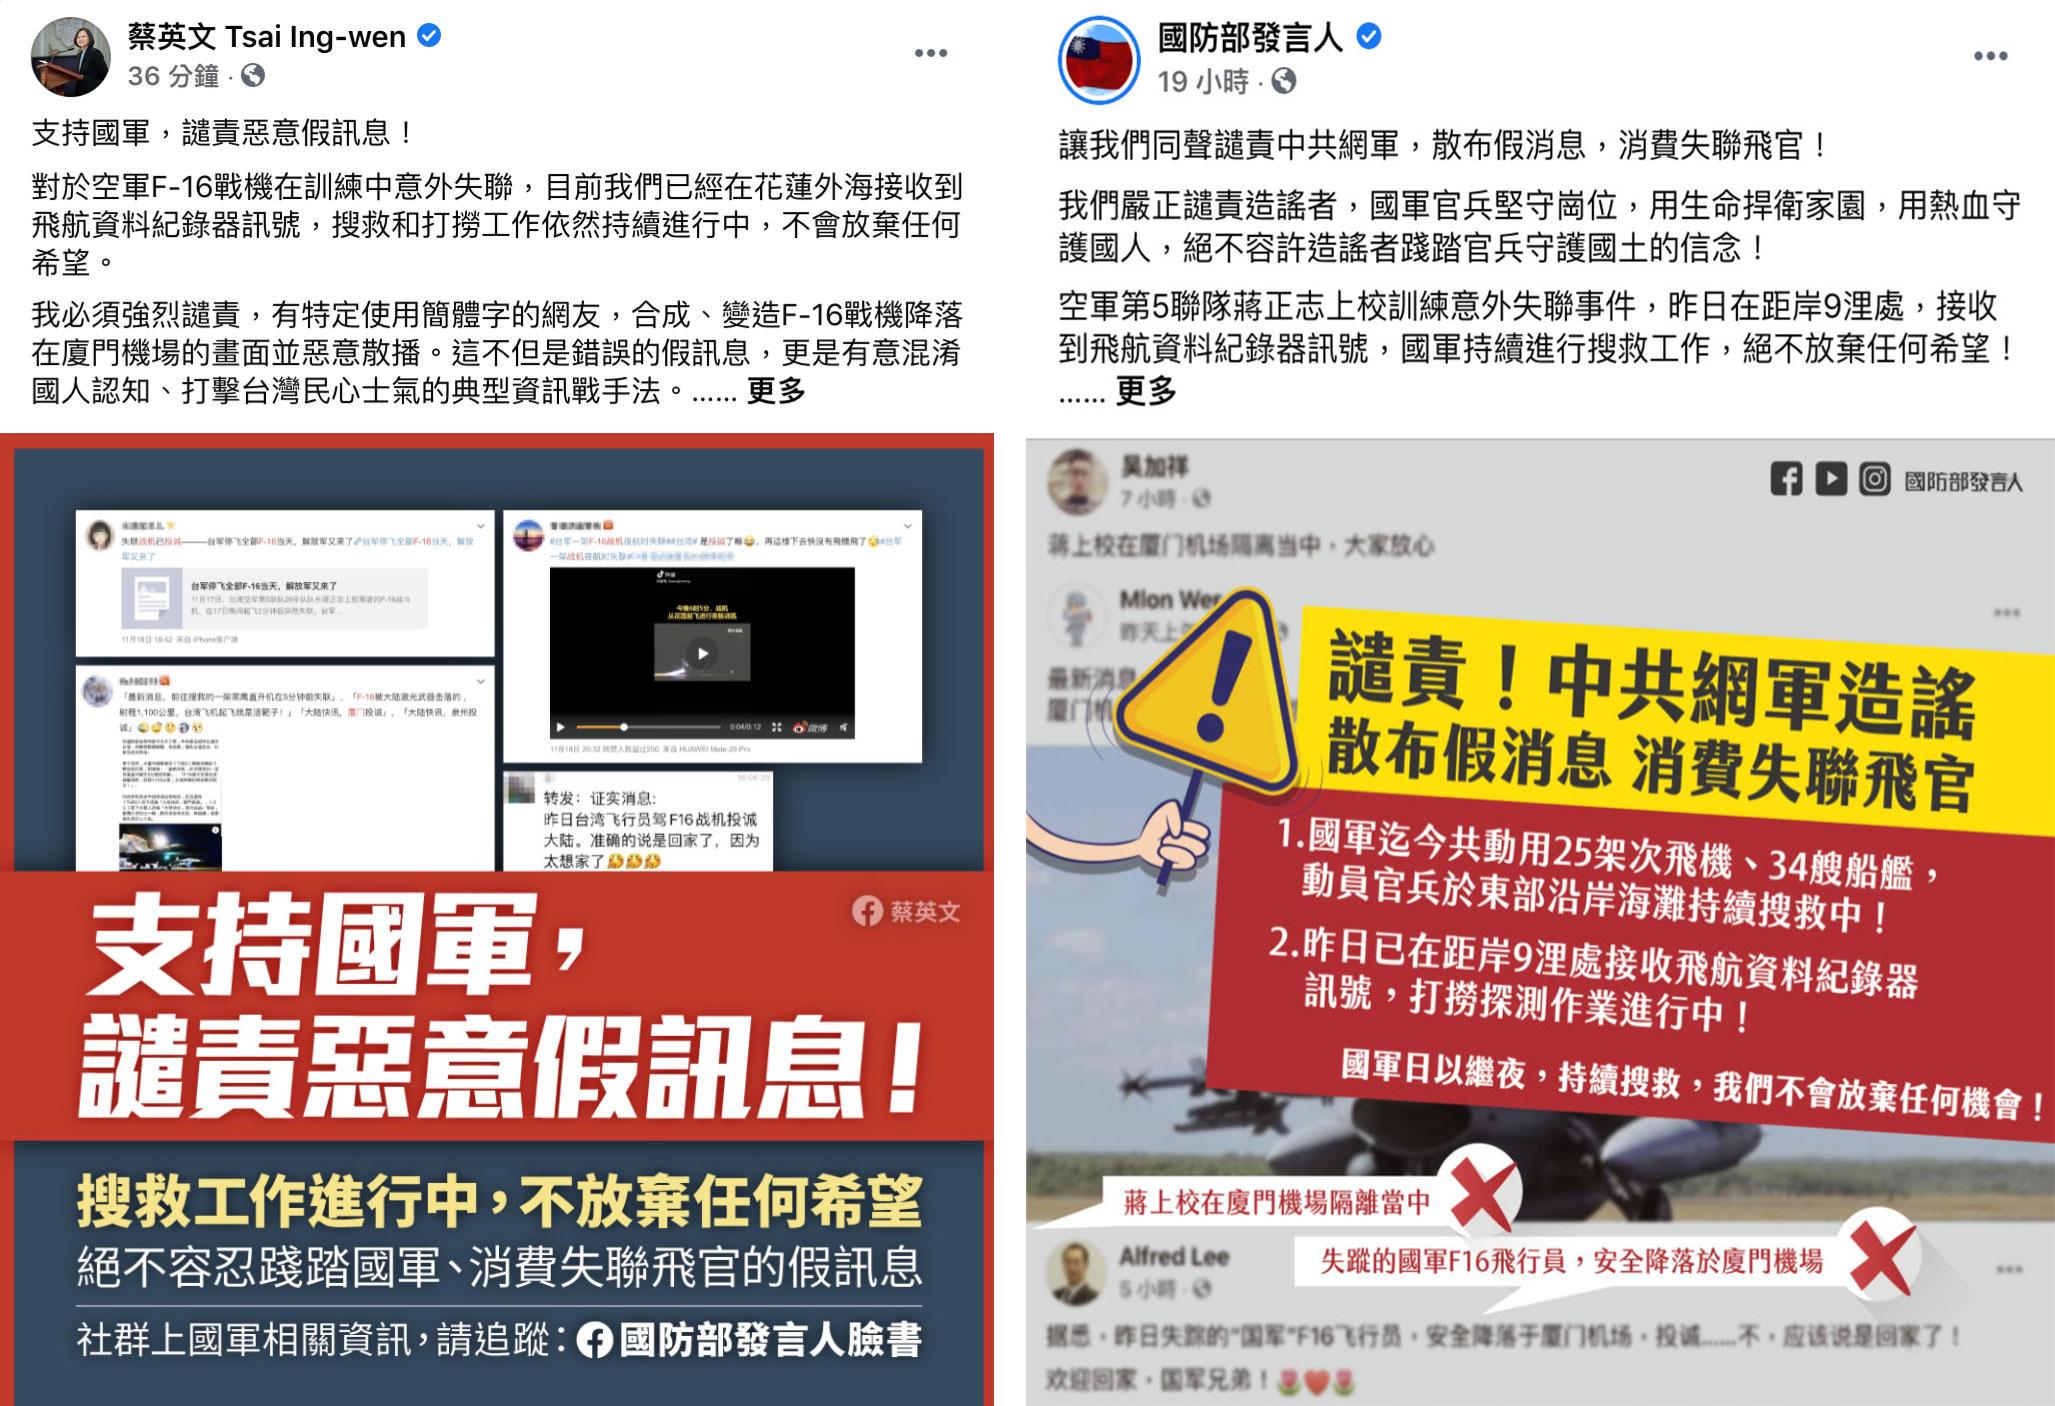 """左图:蔡英文脸书谴责中国网军恶意散播不实假新闻,谎称台湾F-16飞官""""投共""""。(蔡英文脸书);右图:台湾国防部脸书谴责,中国网军恶意散播不实假新闻,谎称台湾F-16飞官""""投共""""。(蔡英文脸书)"""